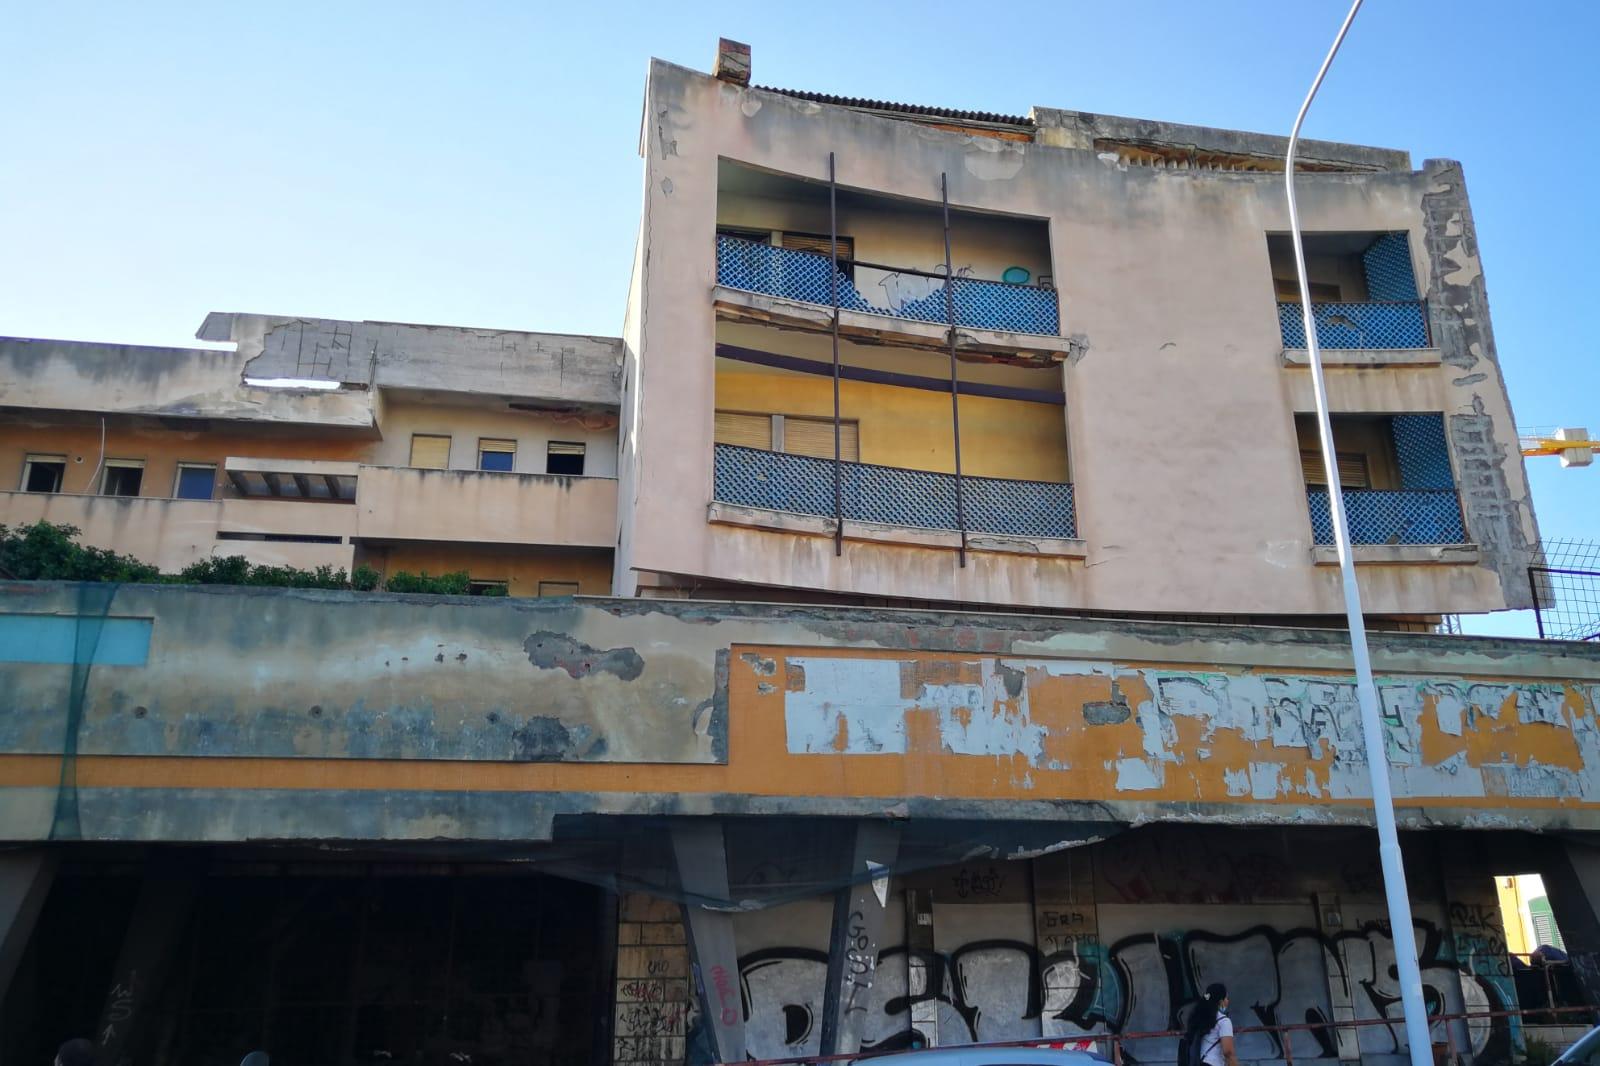 """Catania, degrado e abbandono palazzine in via Bernini. Cardello: """"Intervenire subito per questioni di pubblica incolumità"""""""